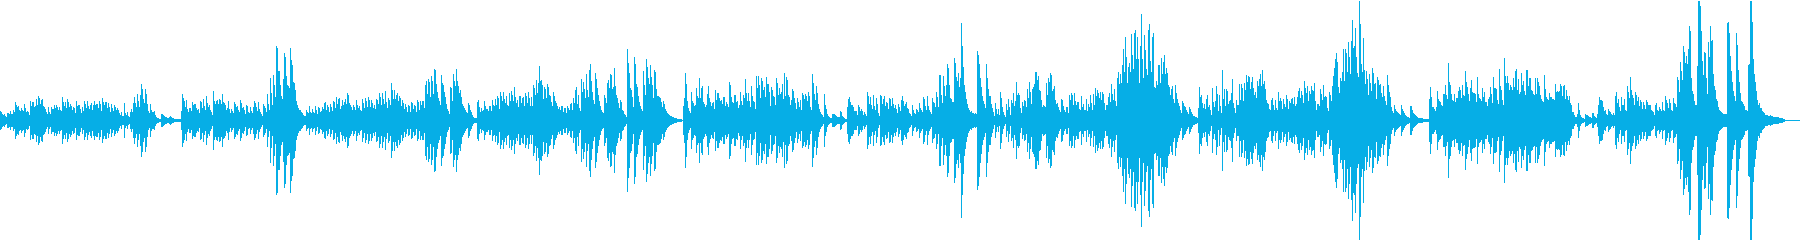 ラヴェル 亡き王女のためのパヴァーヌの再生済みの波形